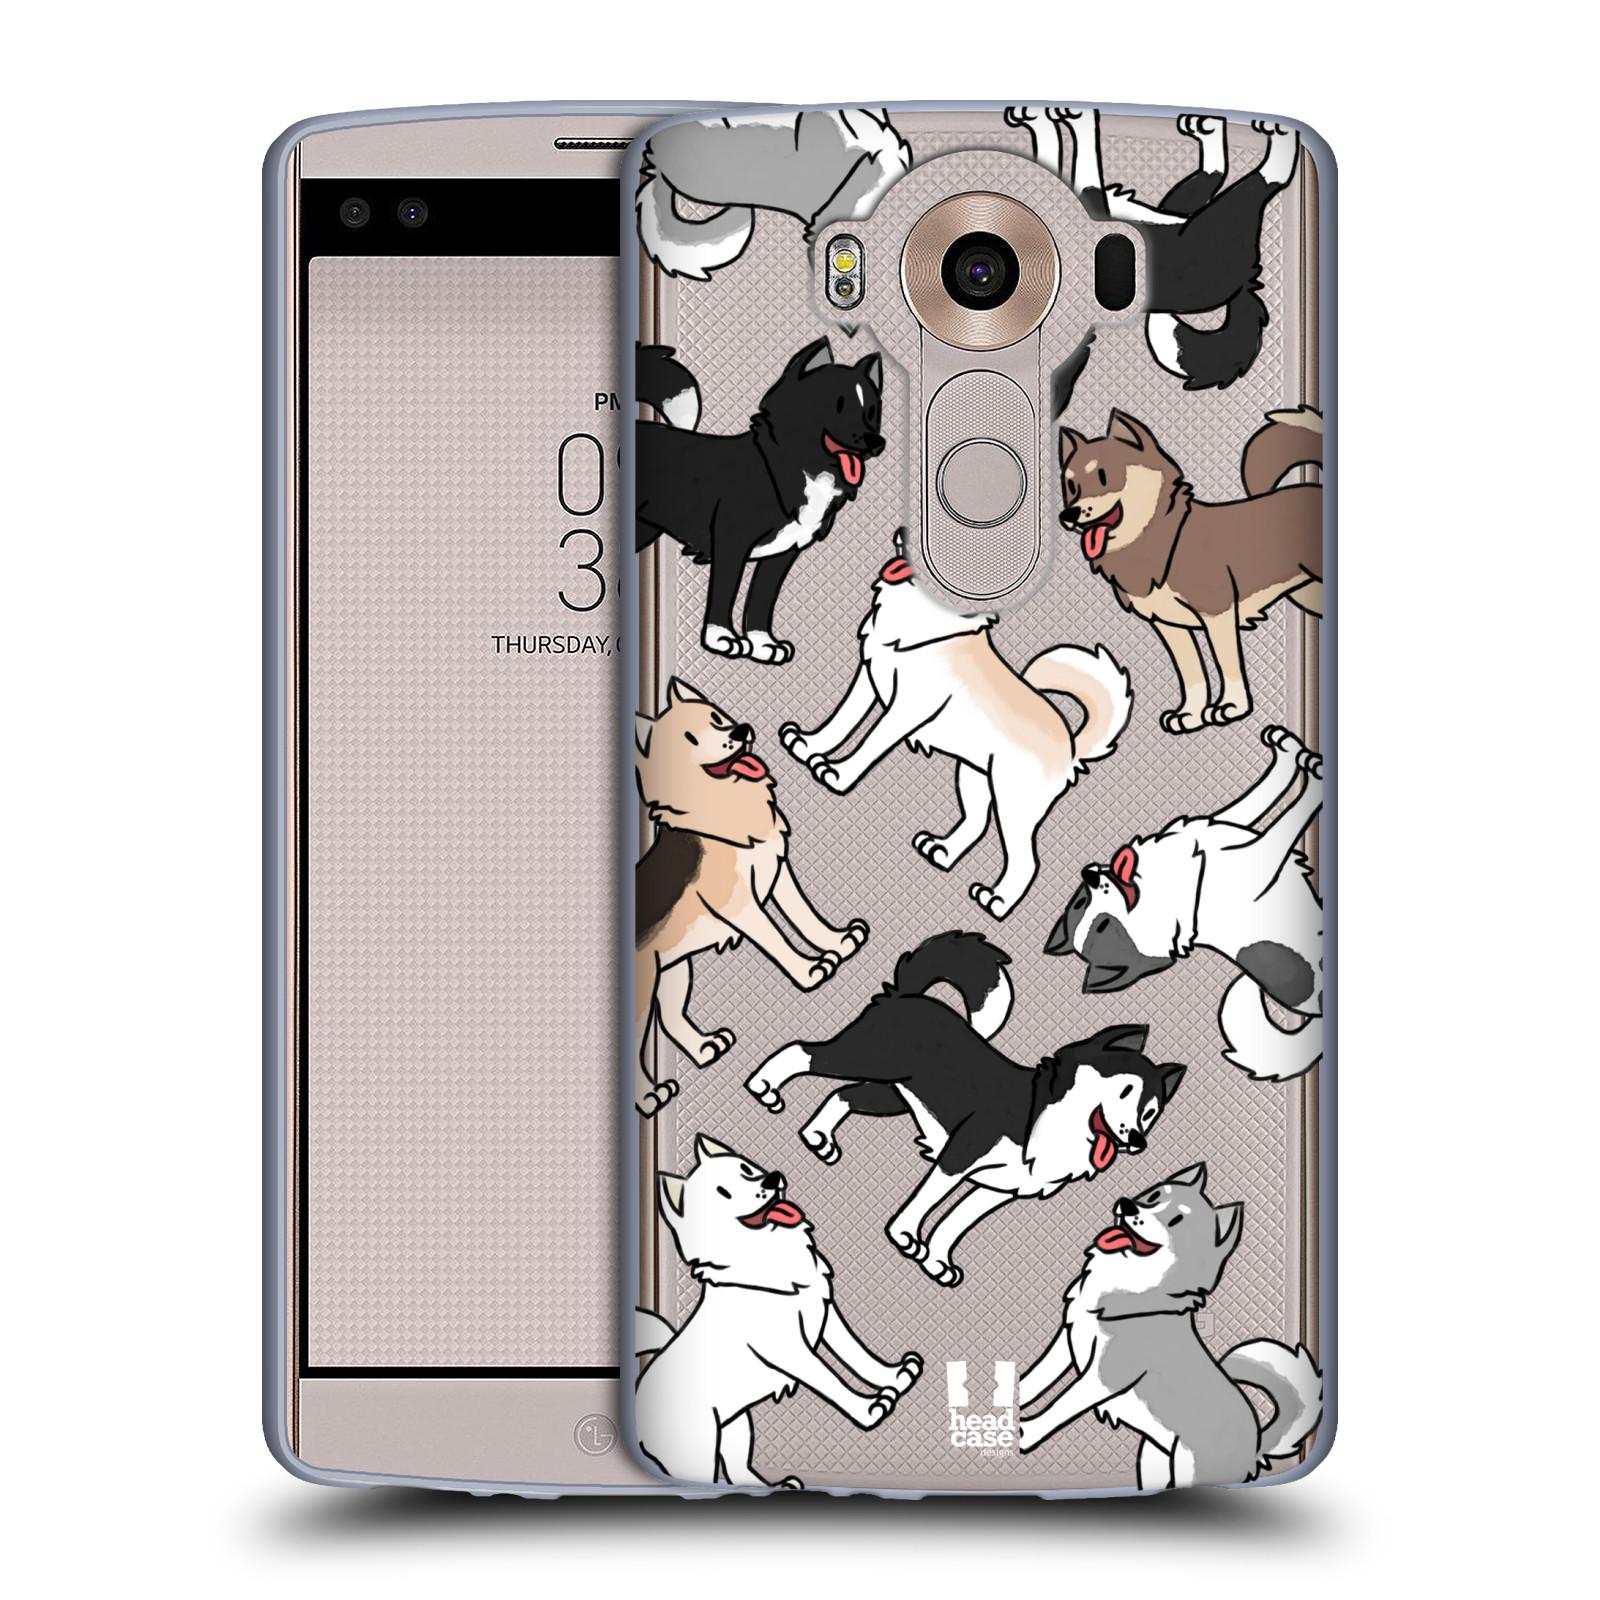 HEAD CASE silikonový obal na mobil LG V10 pejsek Sibiřský husky